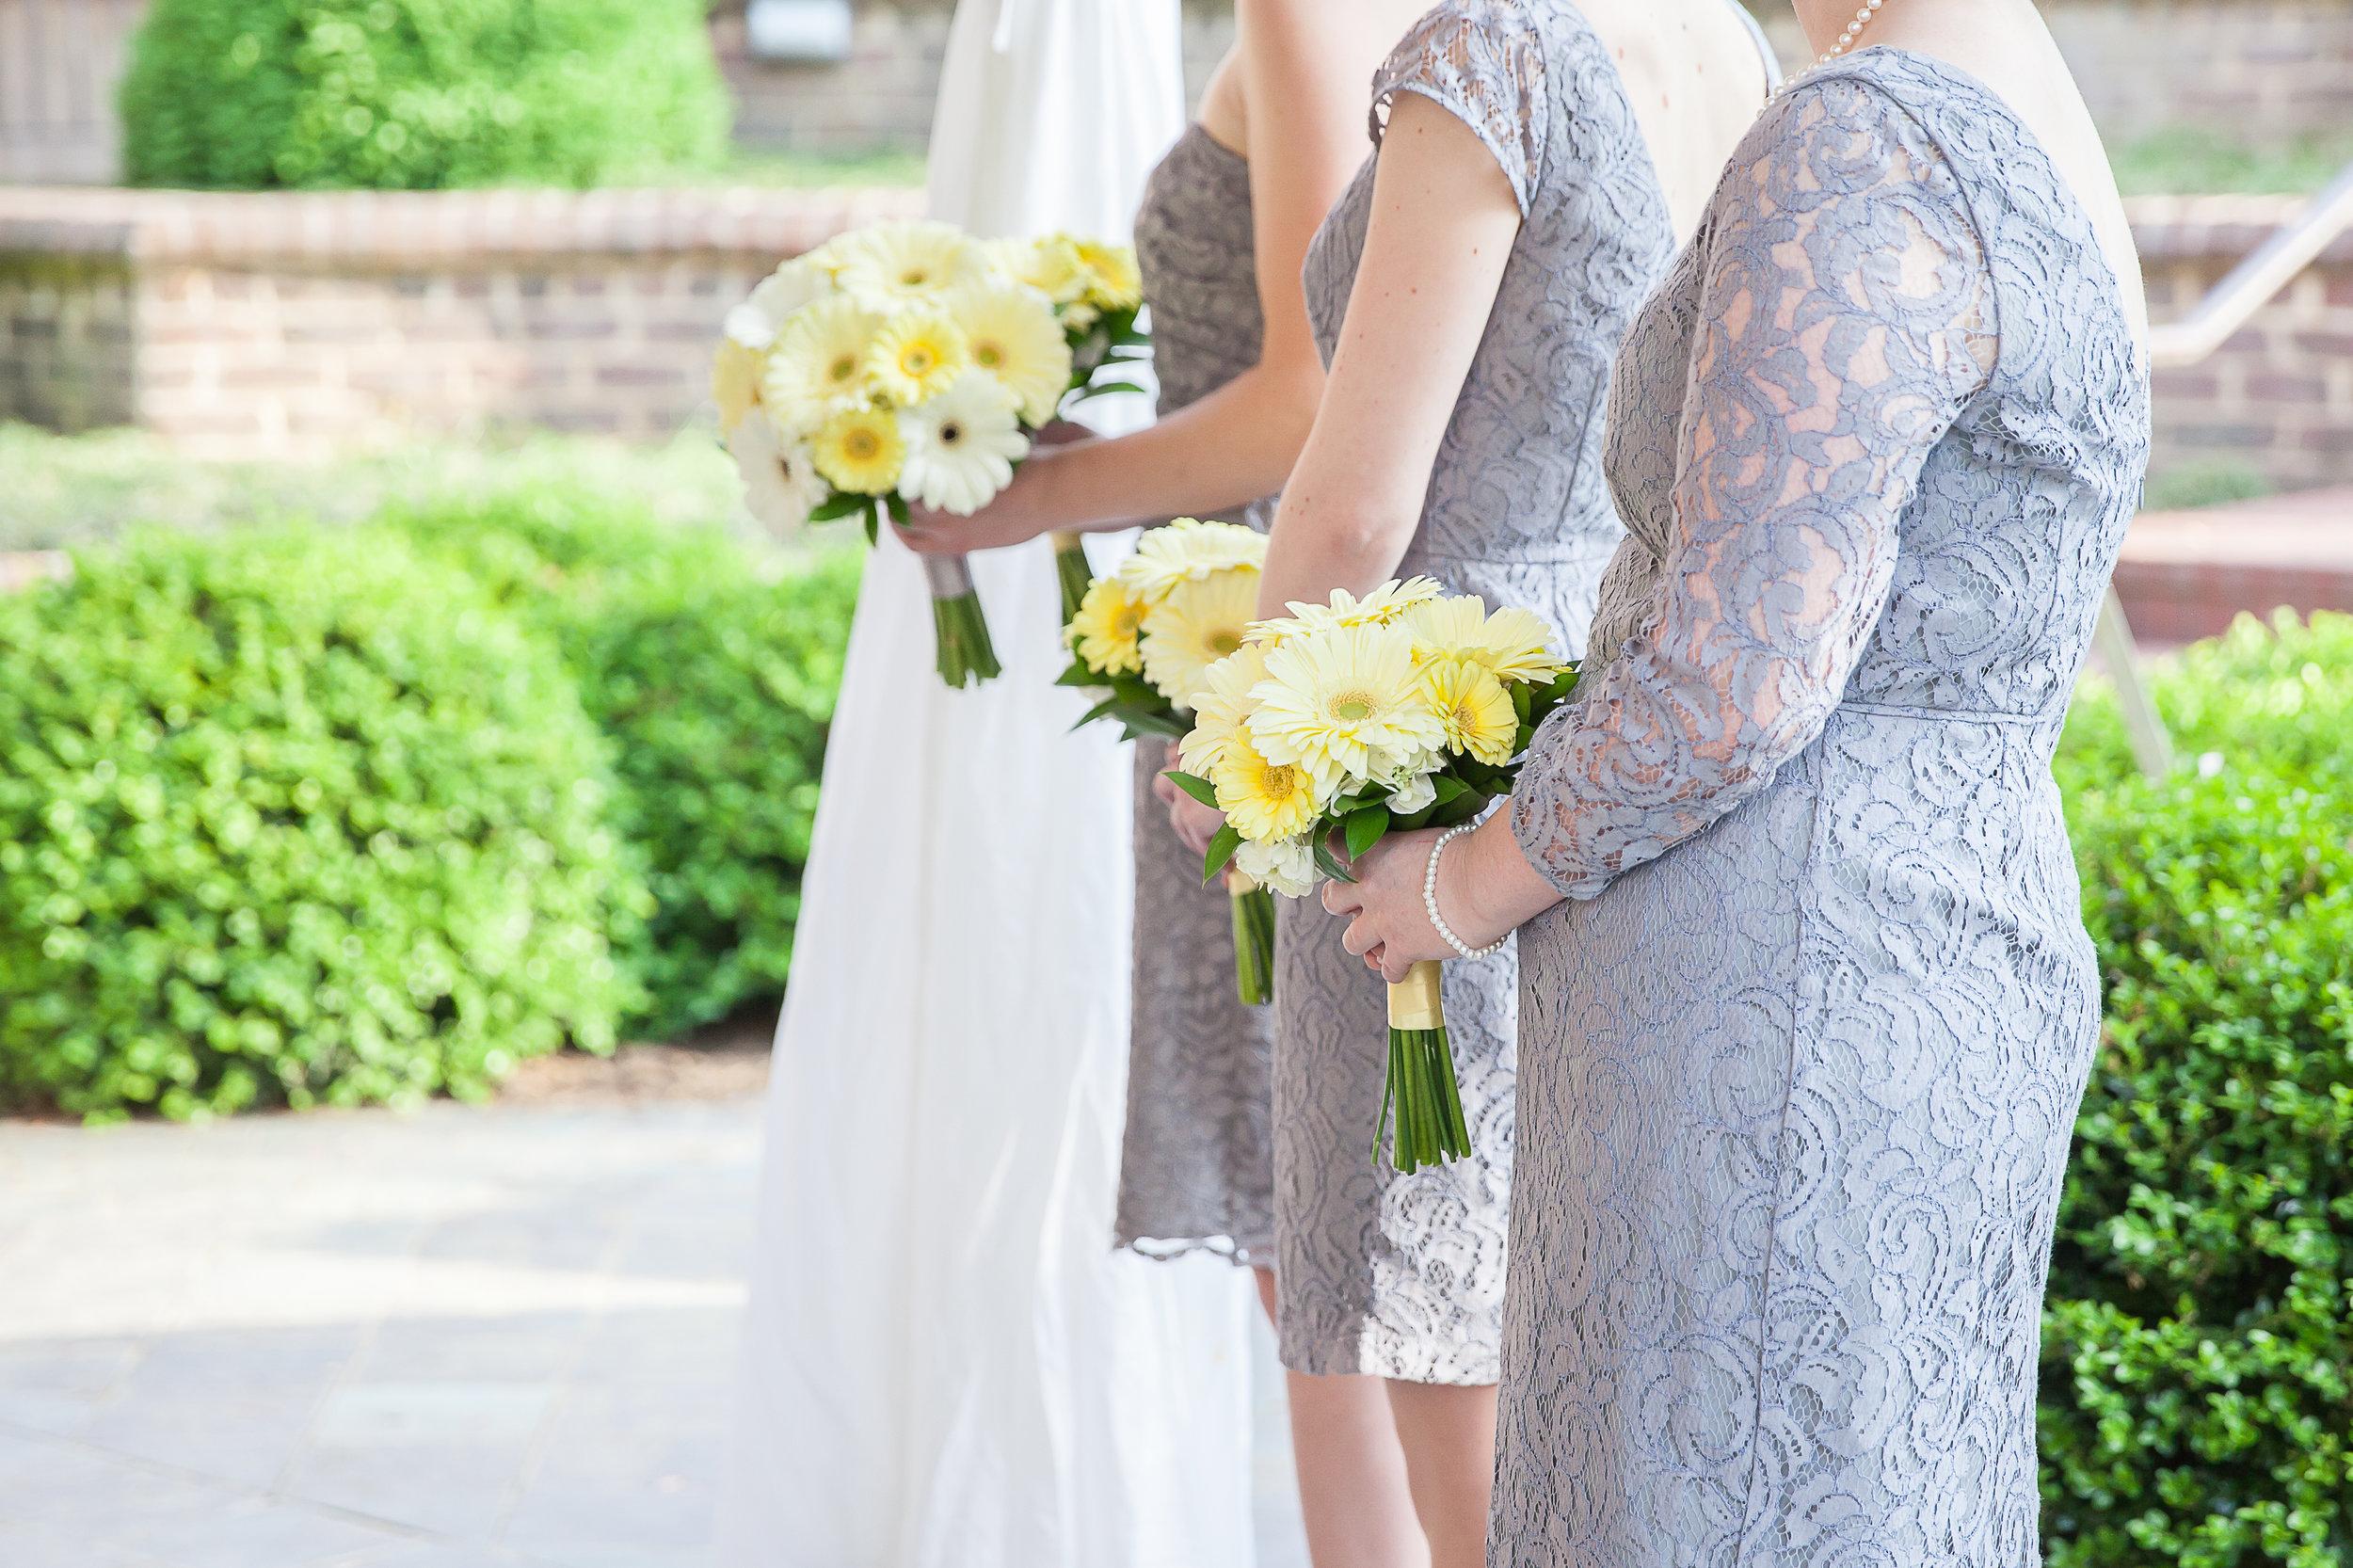 K-S-Wedding-Kim-Pham-Clark-Photography-211.jpg